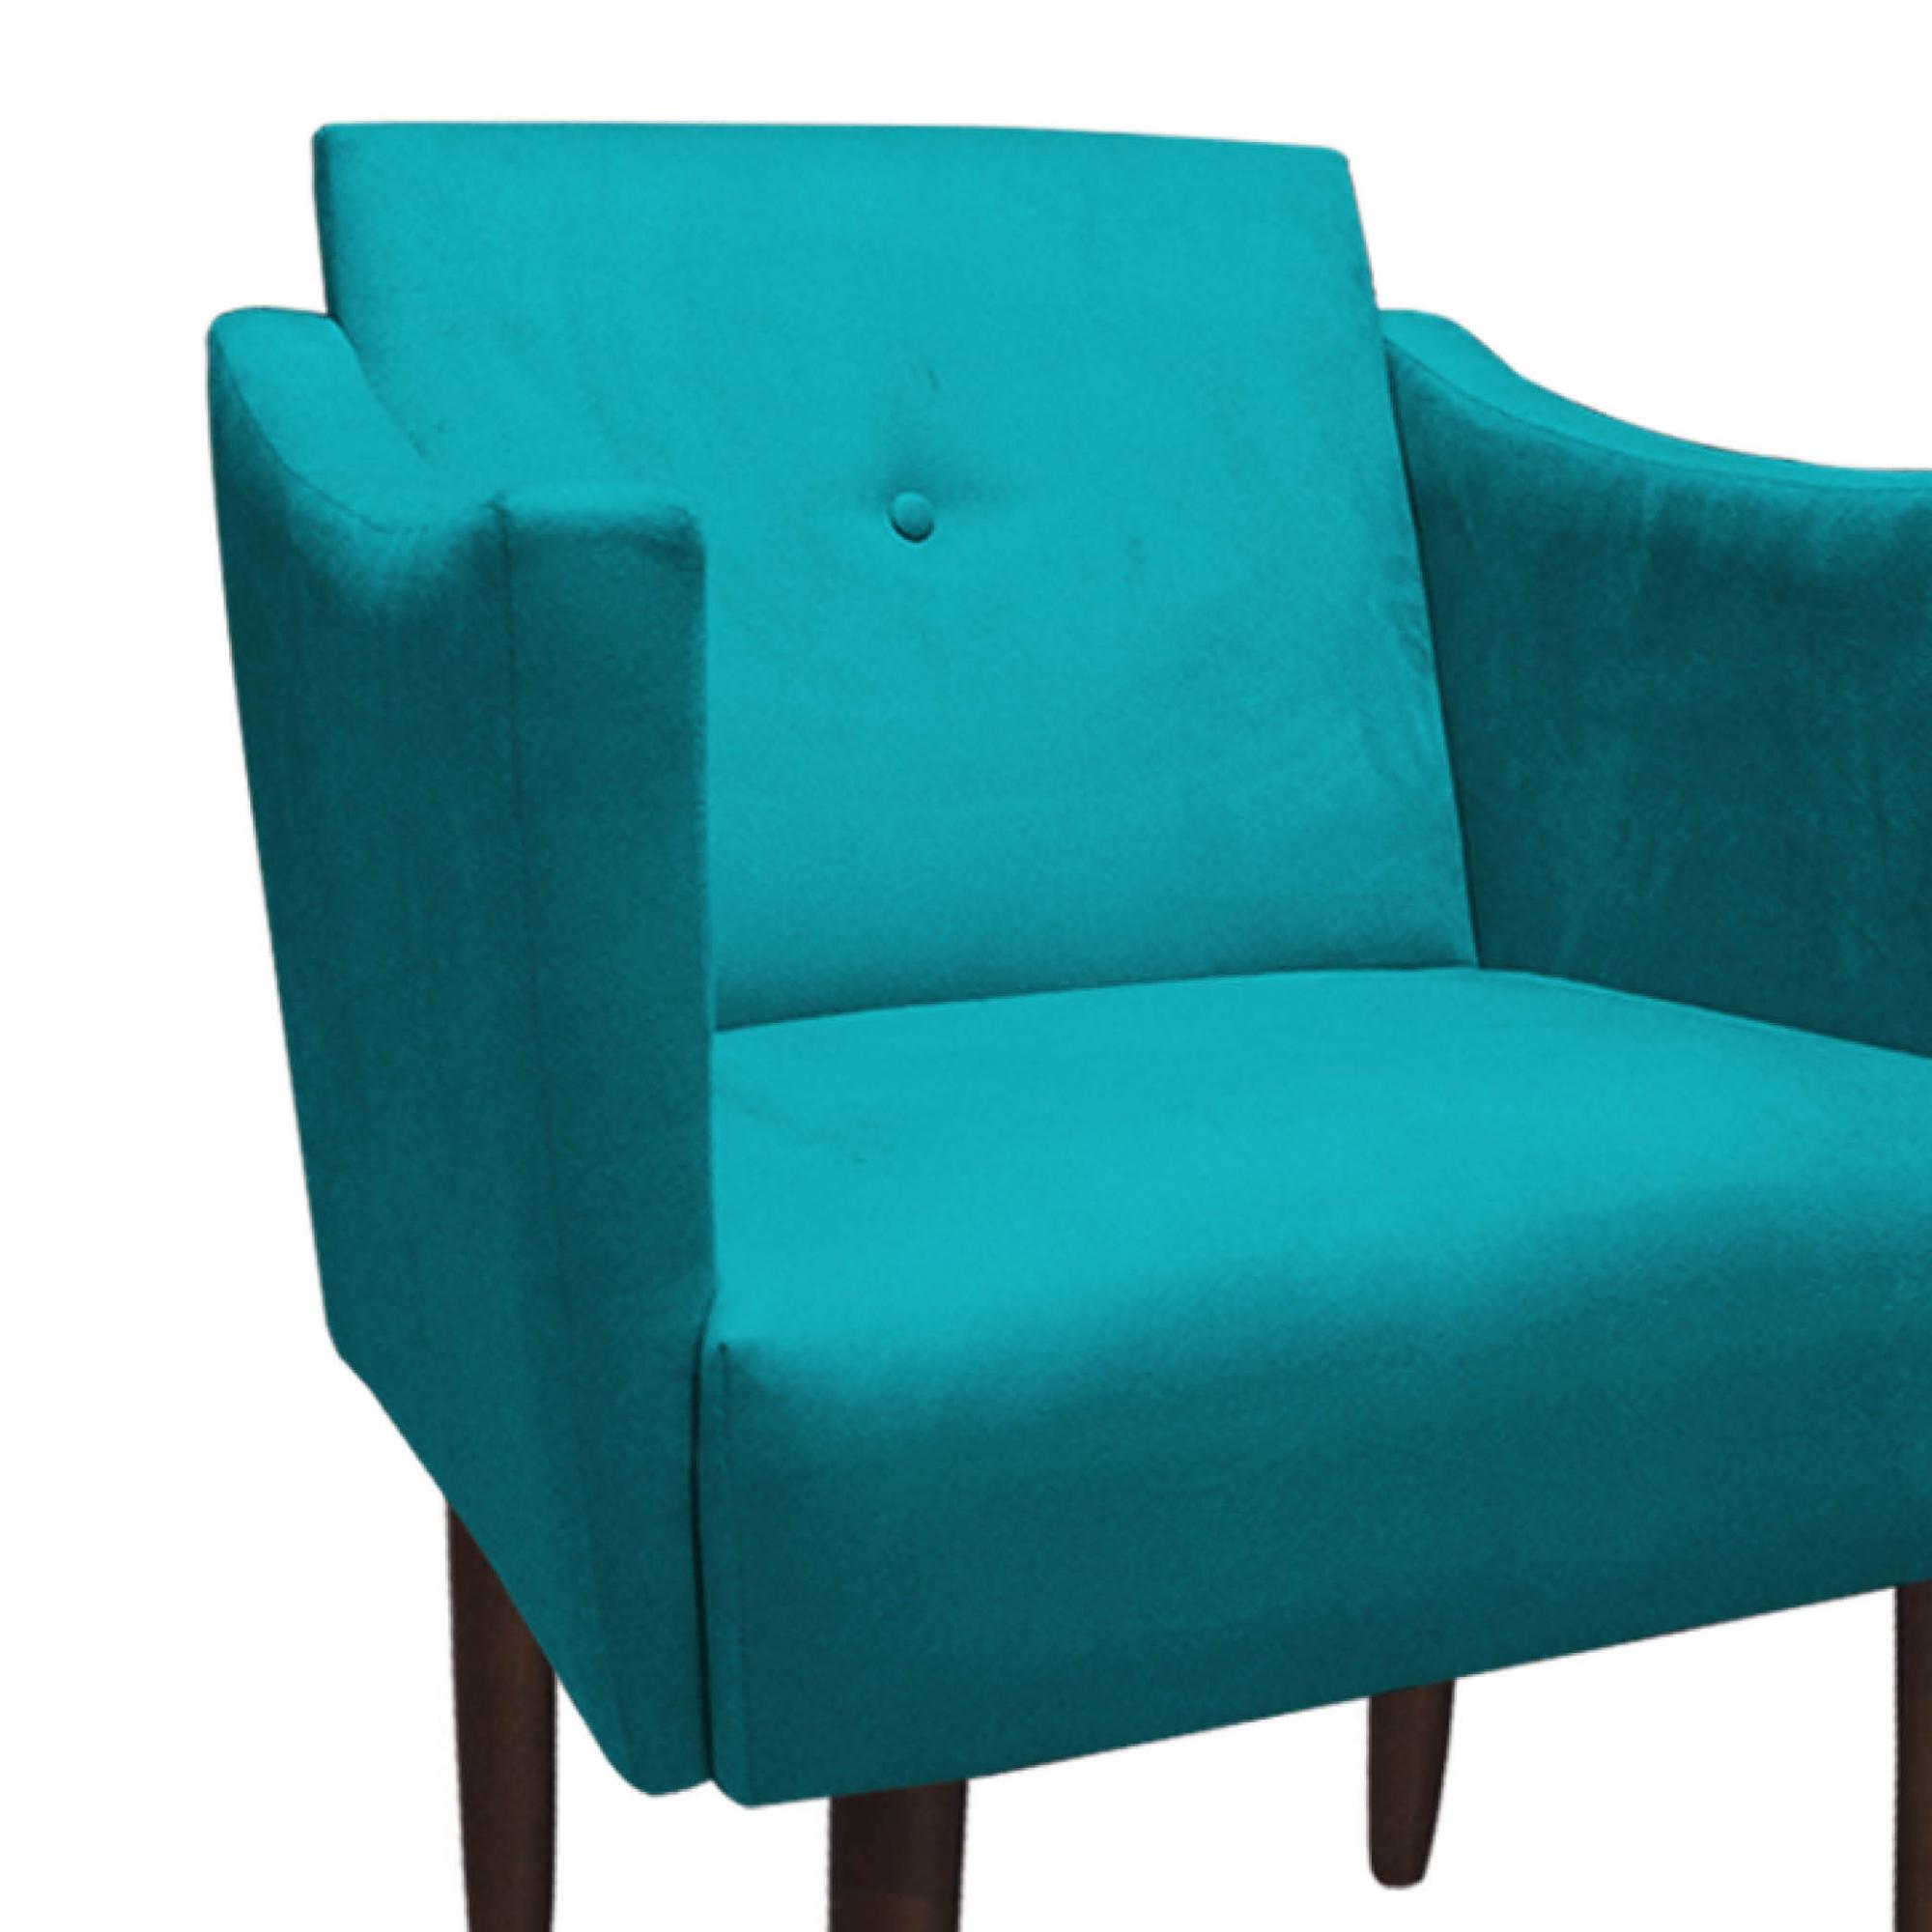 Poltrona Naty Decoração Clínica Salão Cadeira Recepção Escritório Sala Estar  D'Classe Decor Suede Azul Tiffany